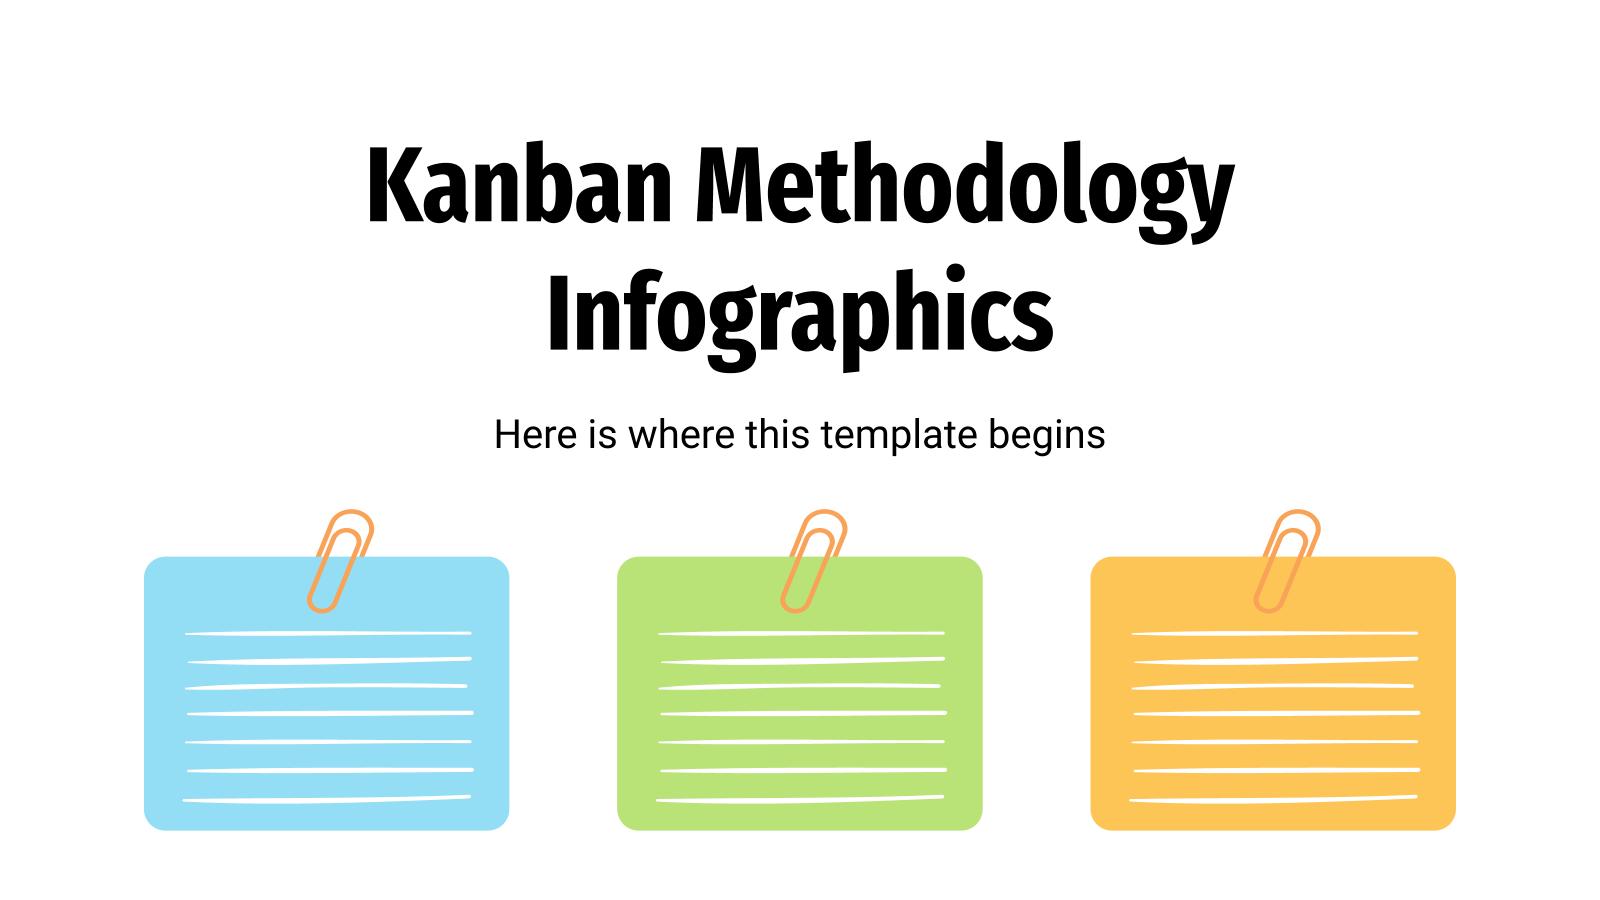 Modelo de apresentação Infográficos de metodologia Kanban